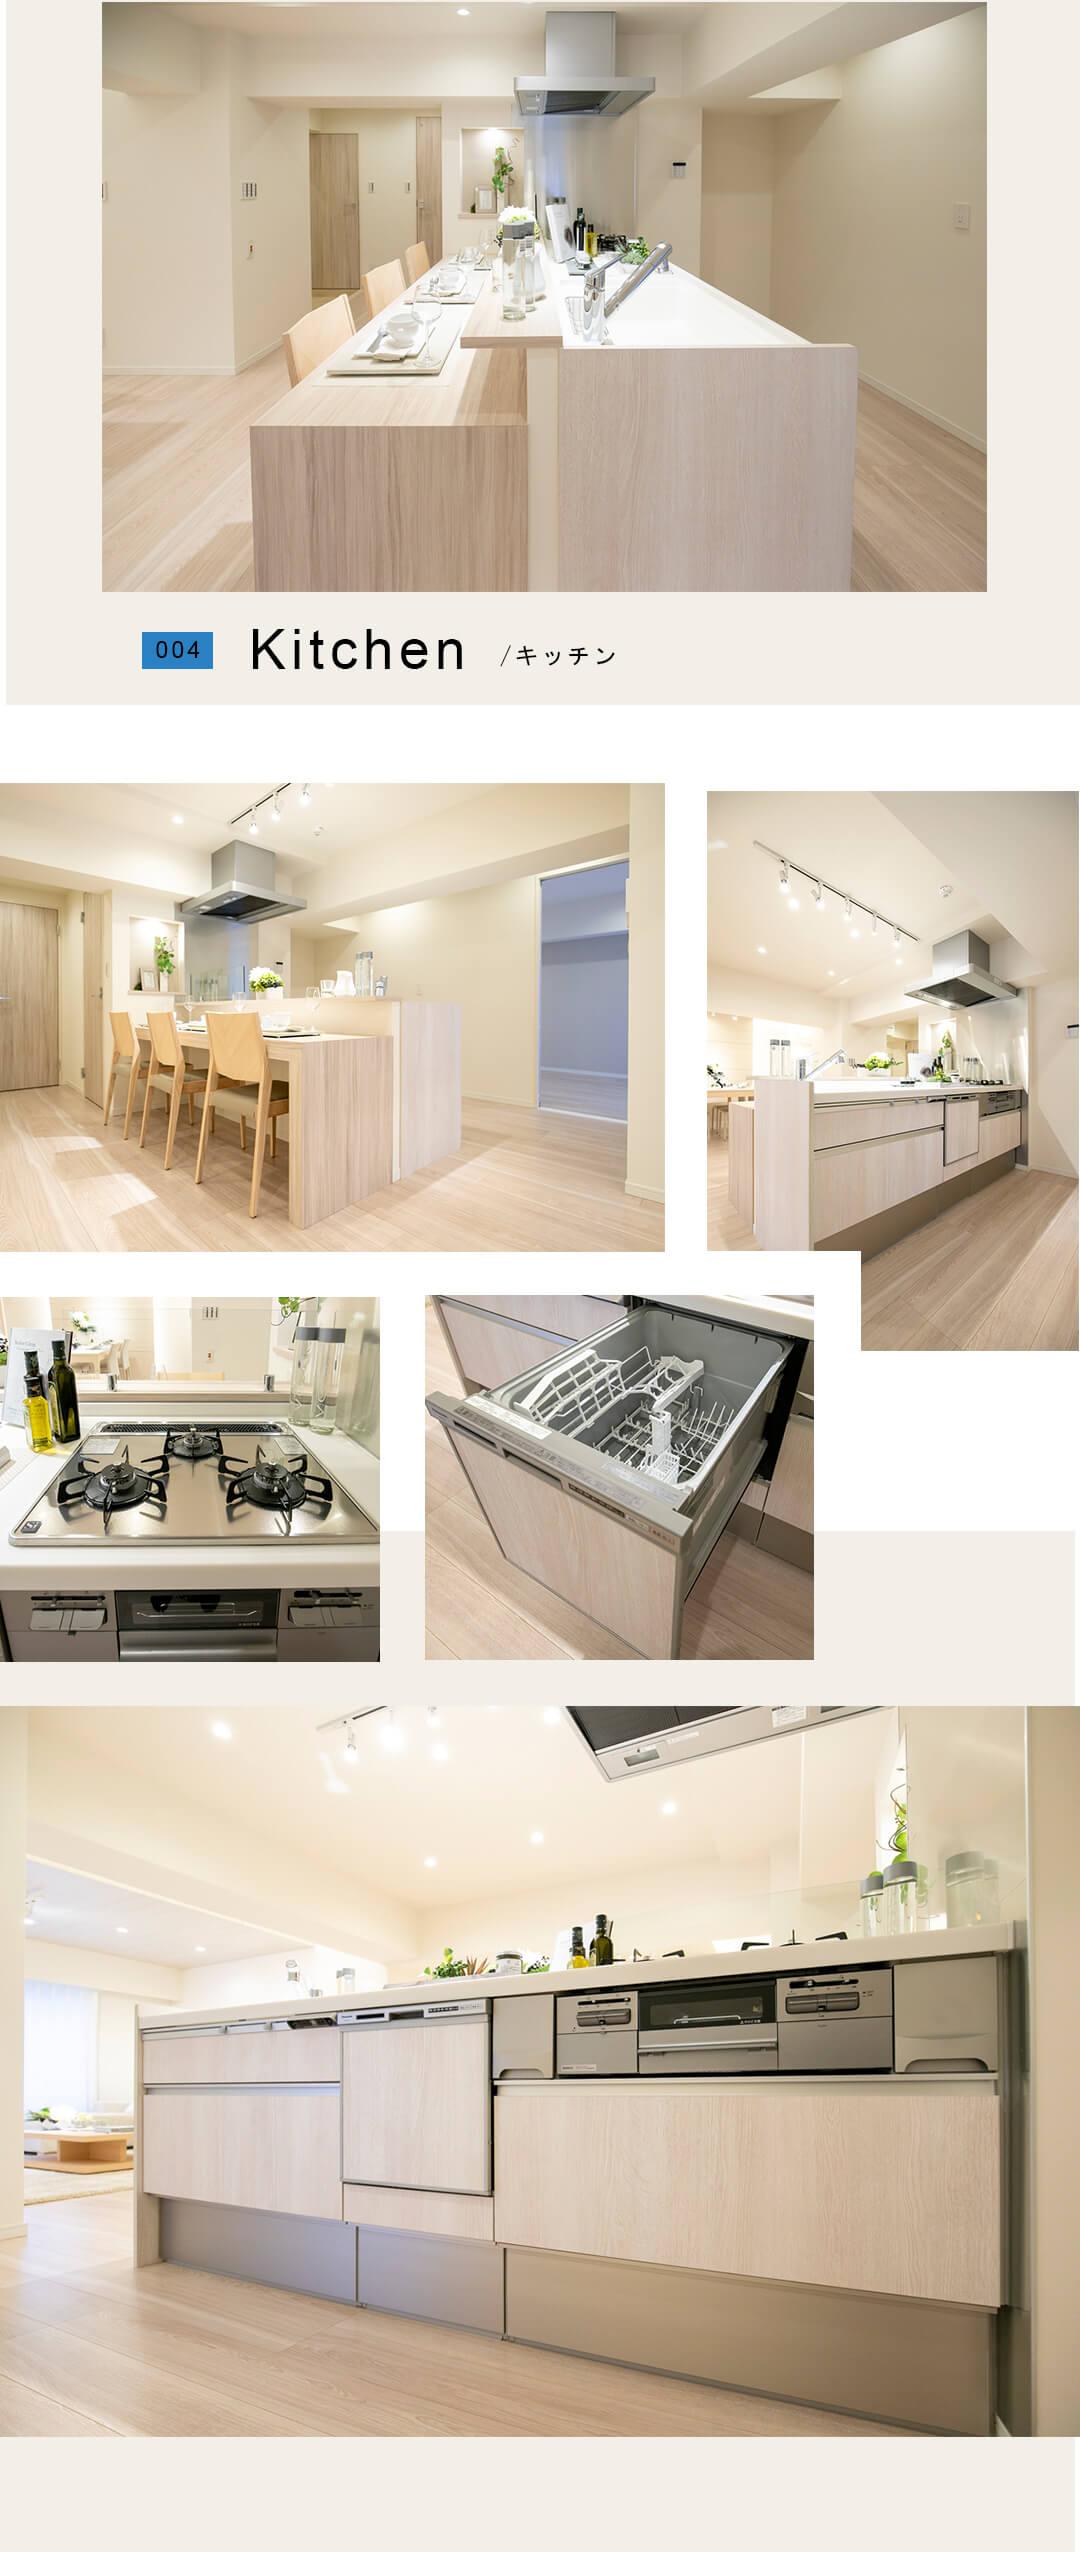 004,Kitchen,キッチン